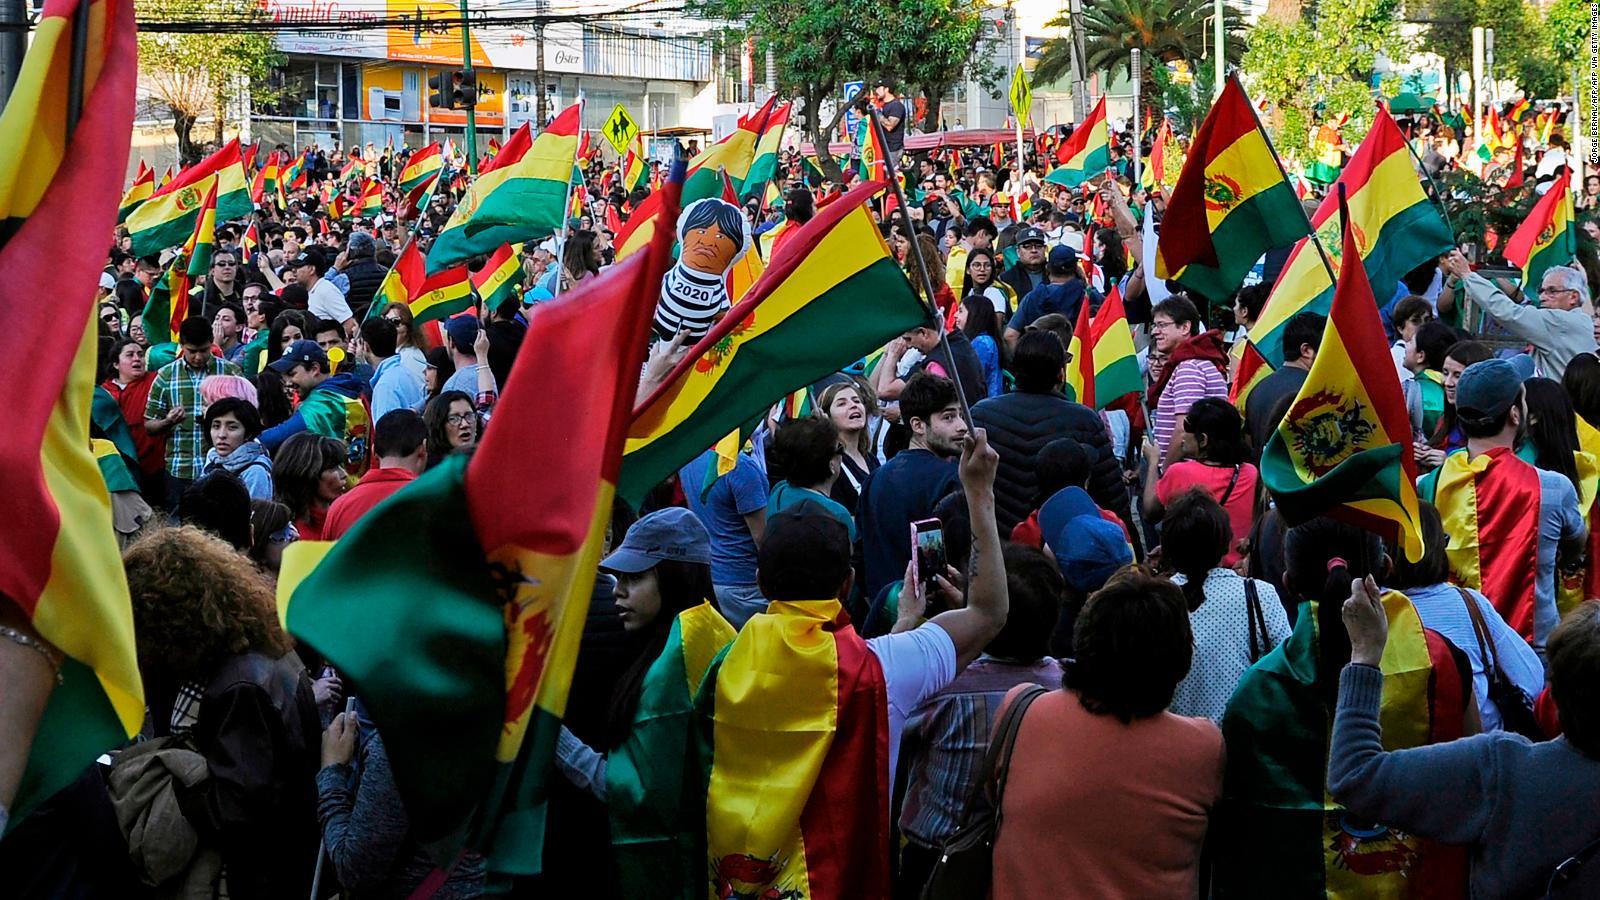 Cuatro escenarios posibles en los que puede desembocar la crisis boliviana